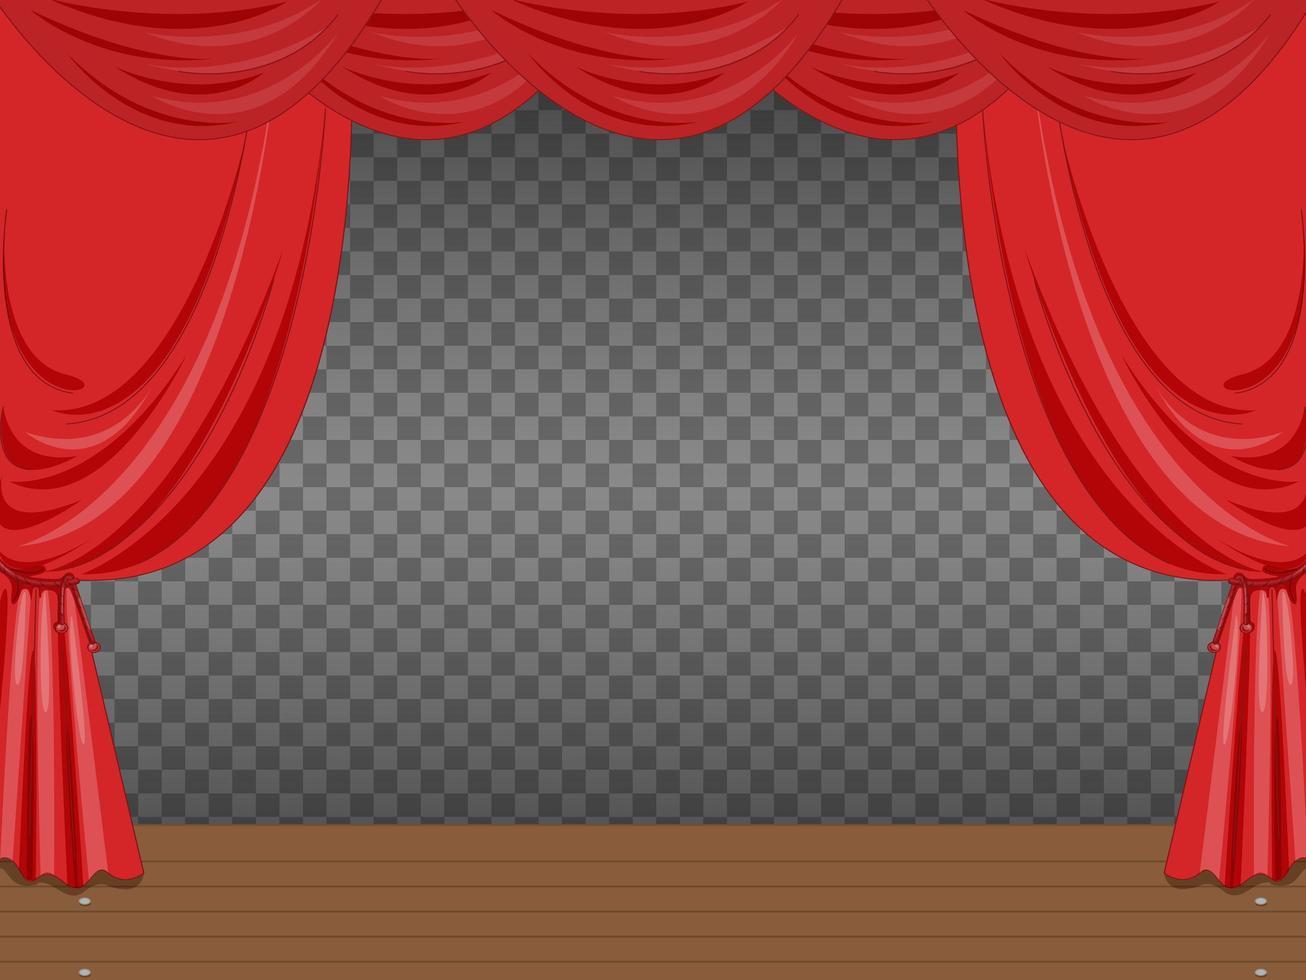 escenario vacío con cortinas rojas transparentes vector